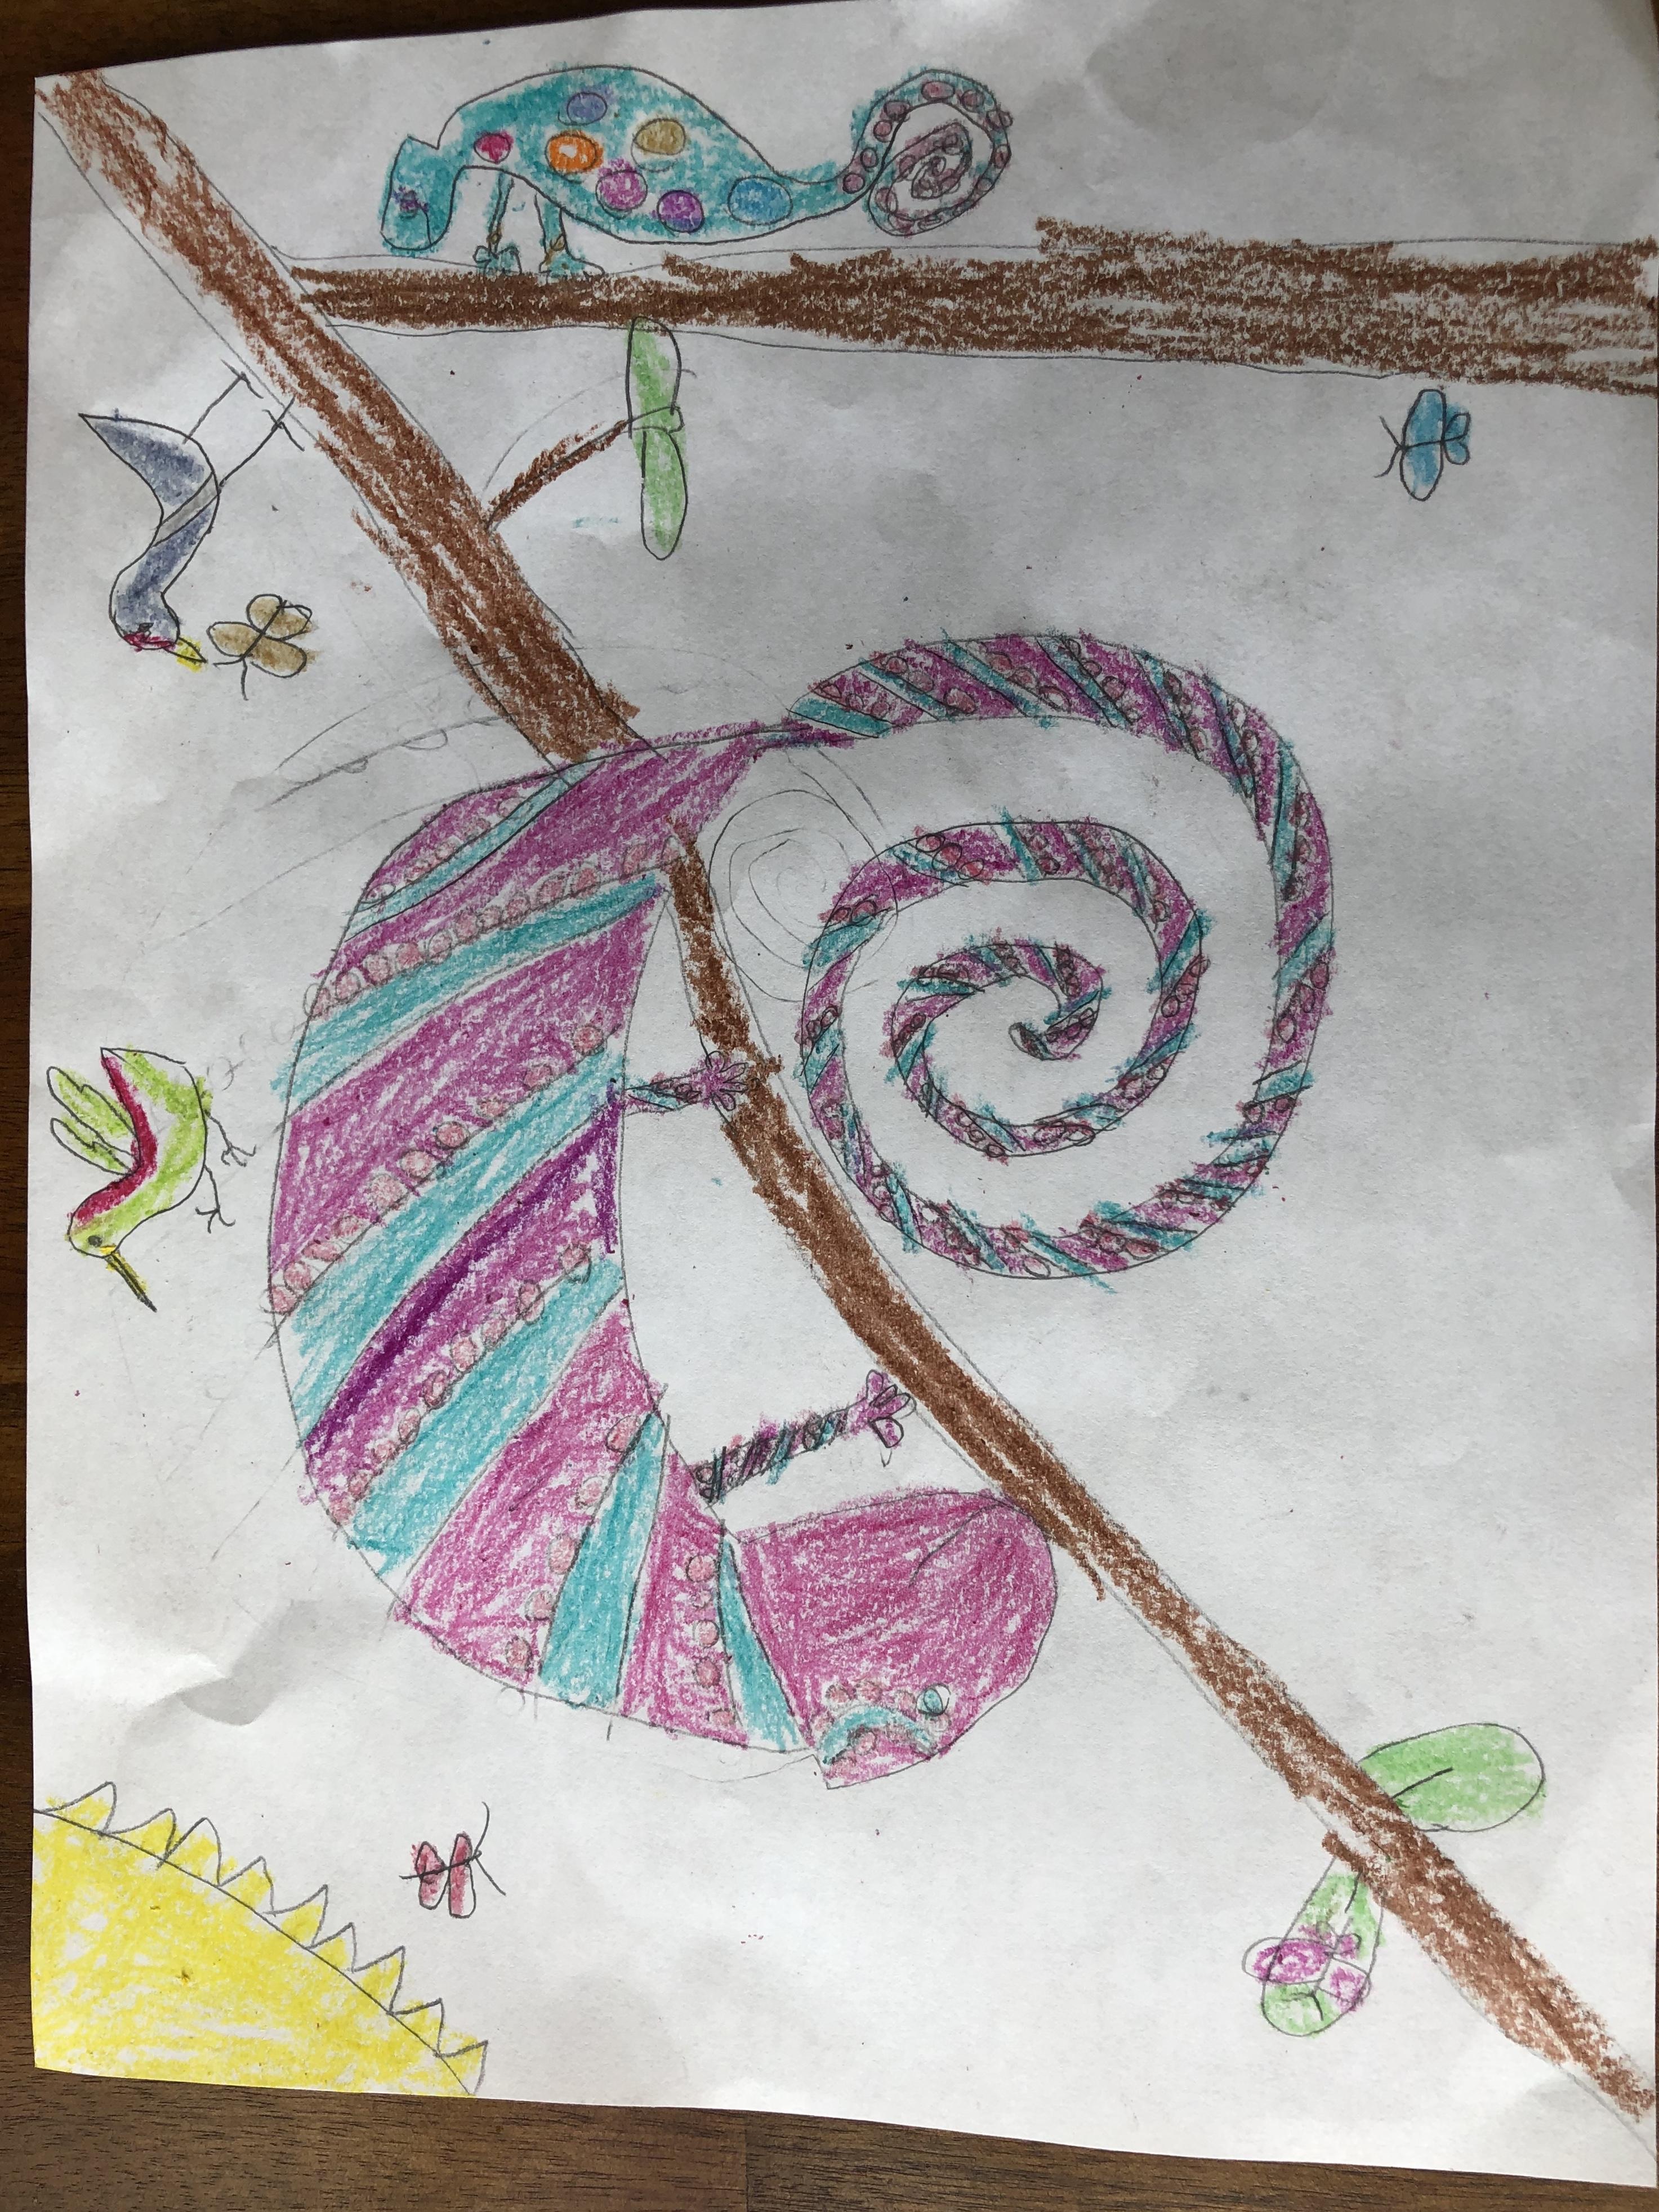 Crazy Chameleons by Ella Mobley